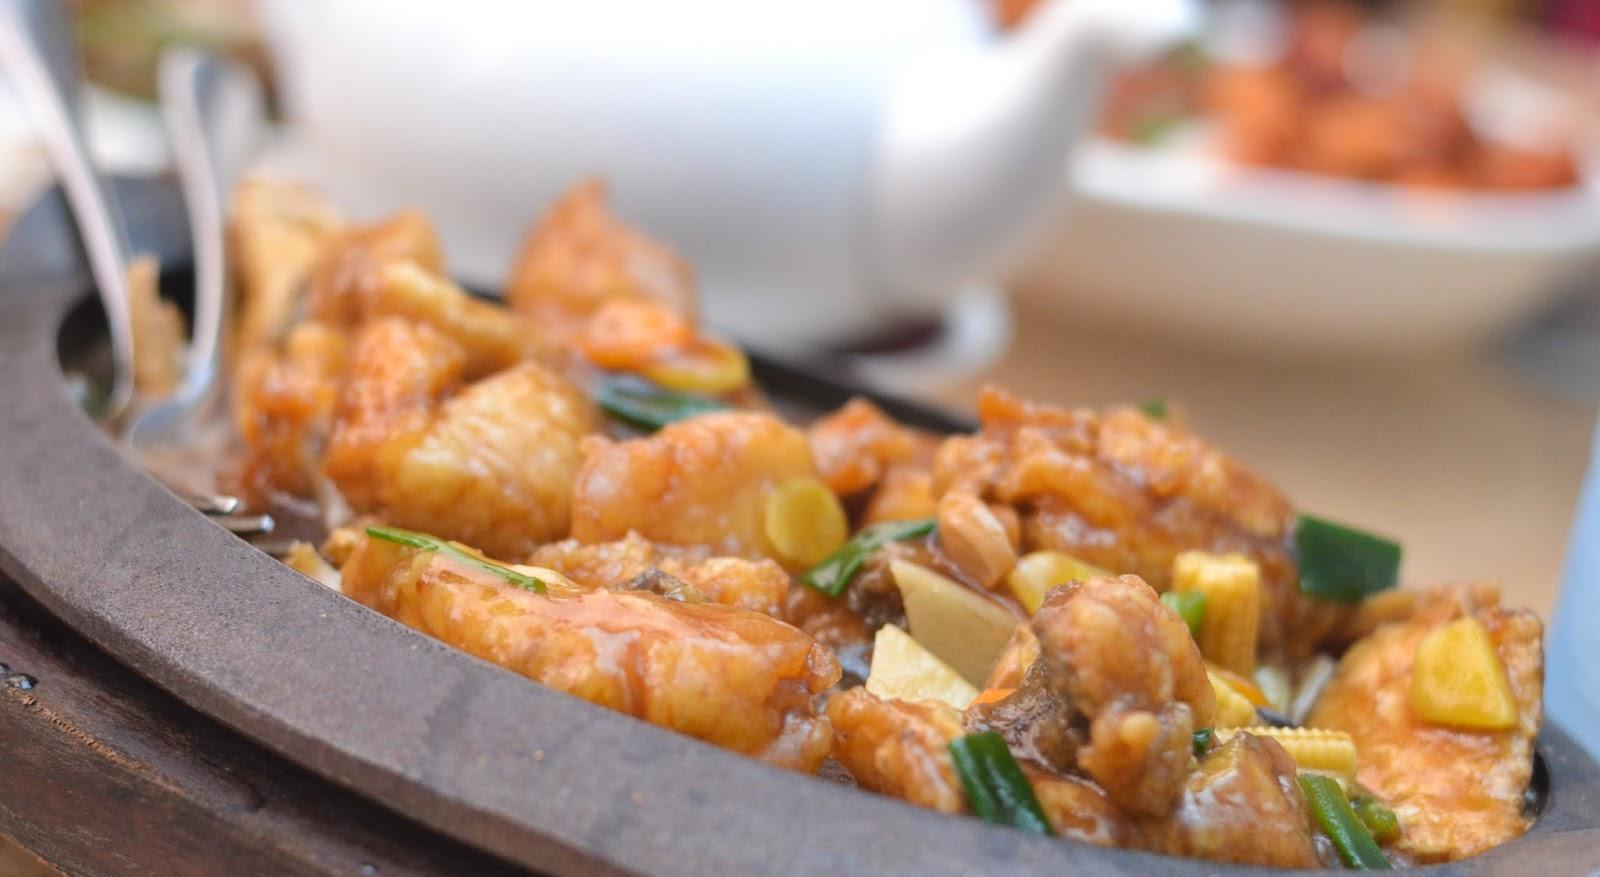 Chinese fish sauce